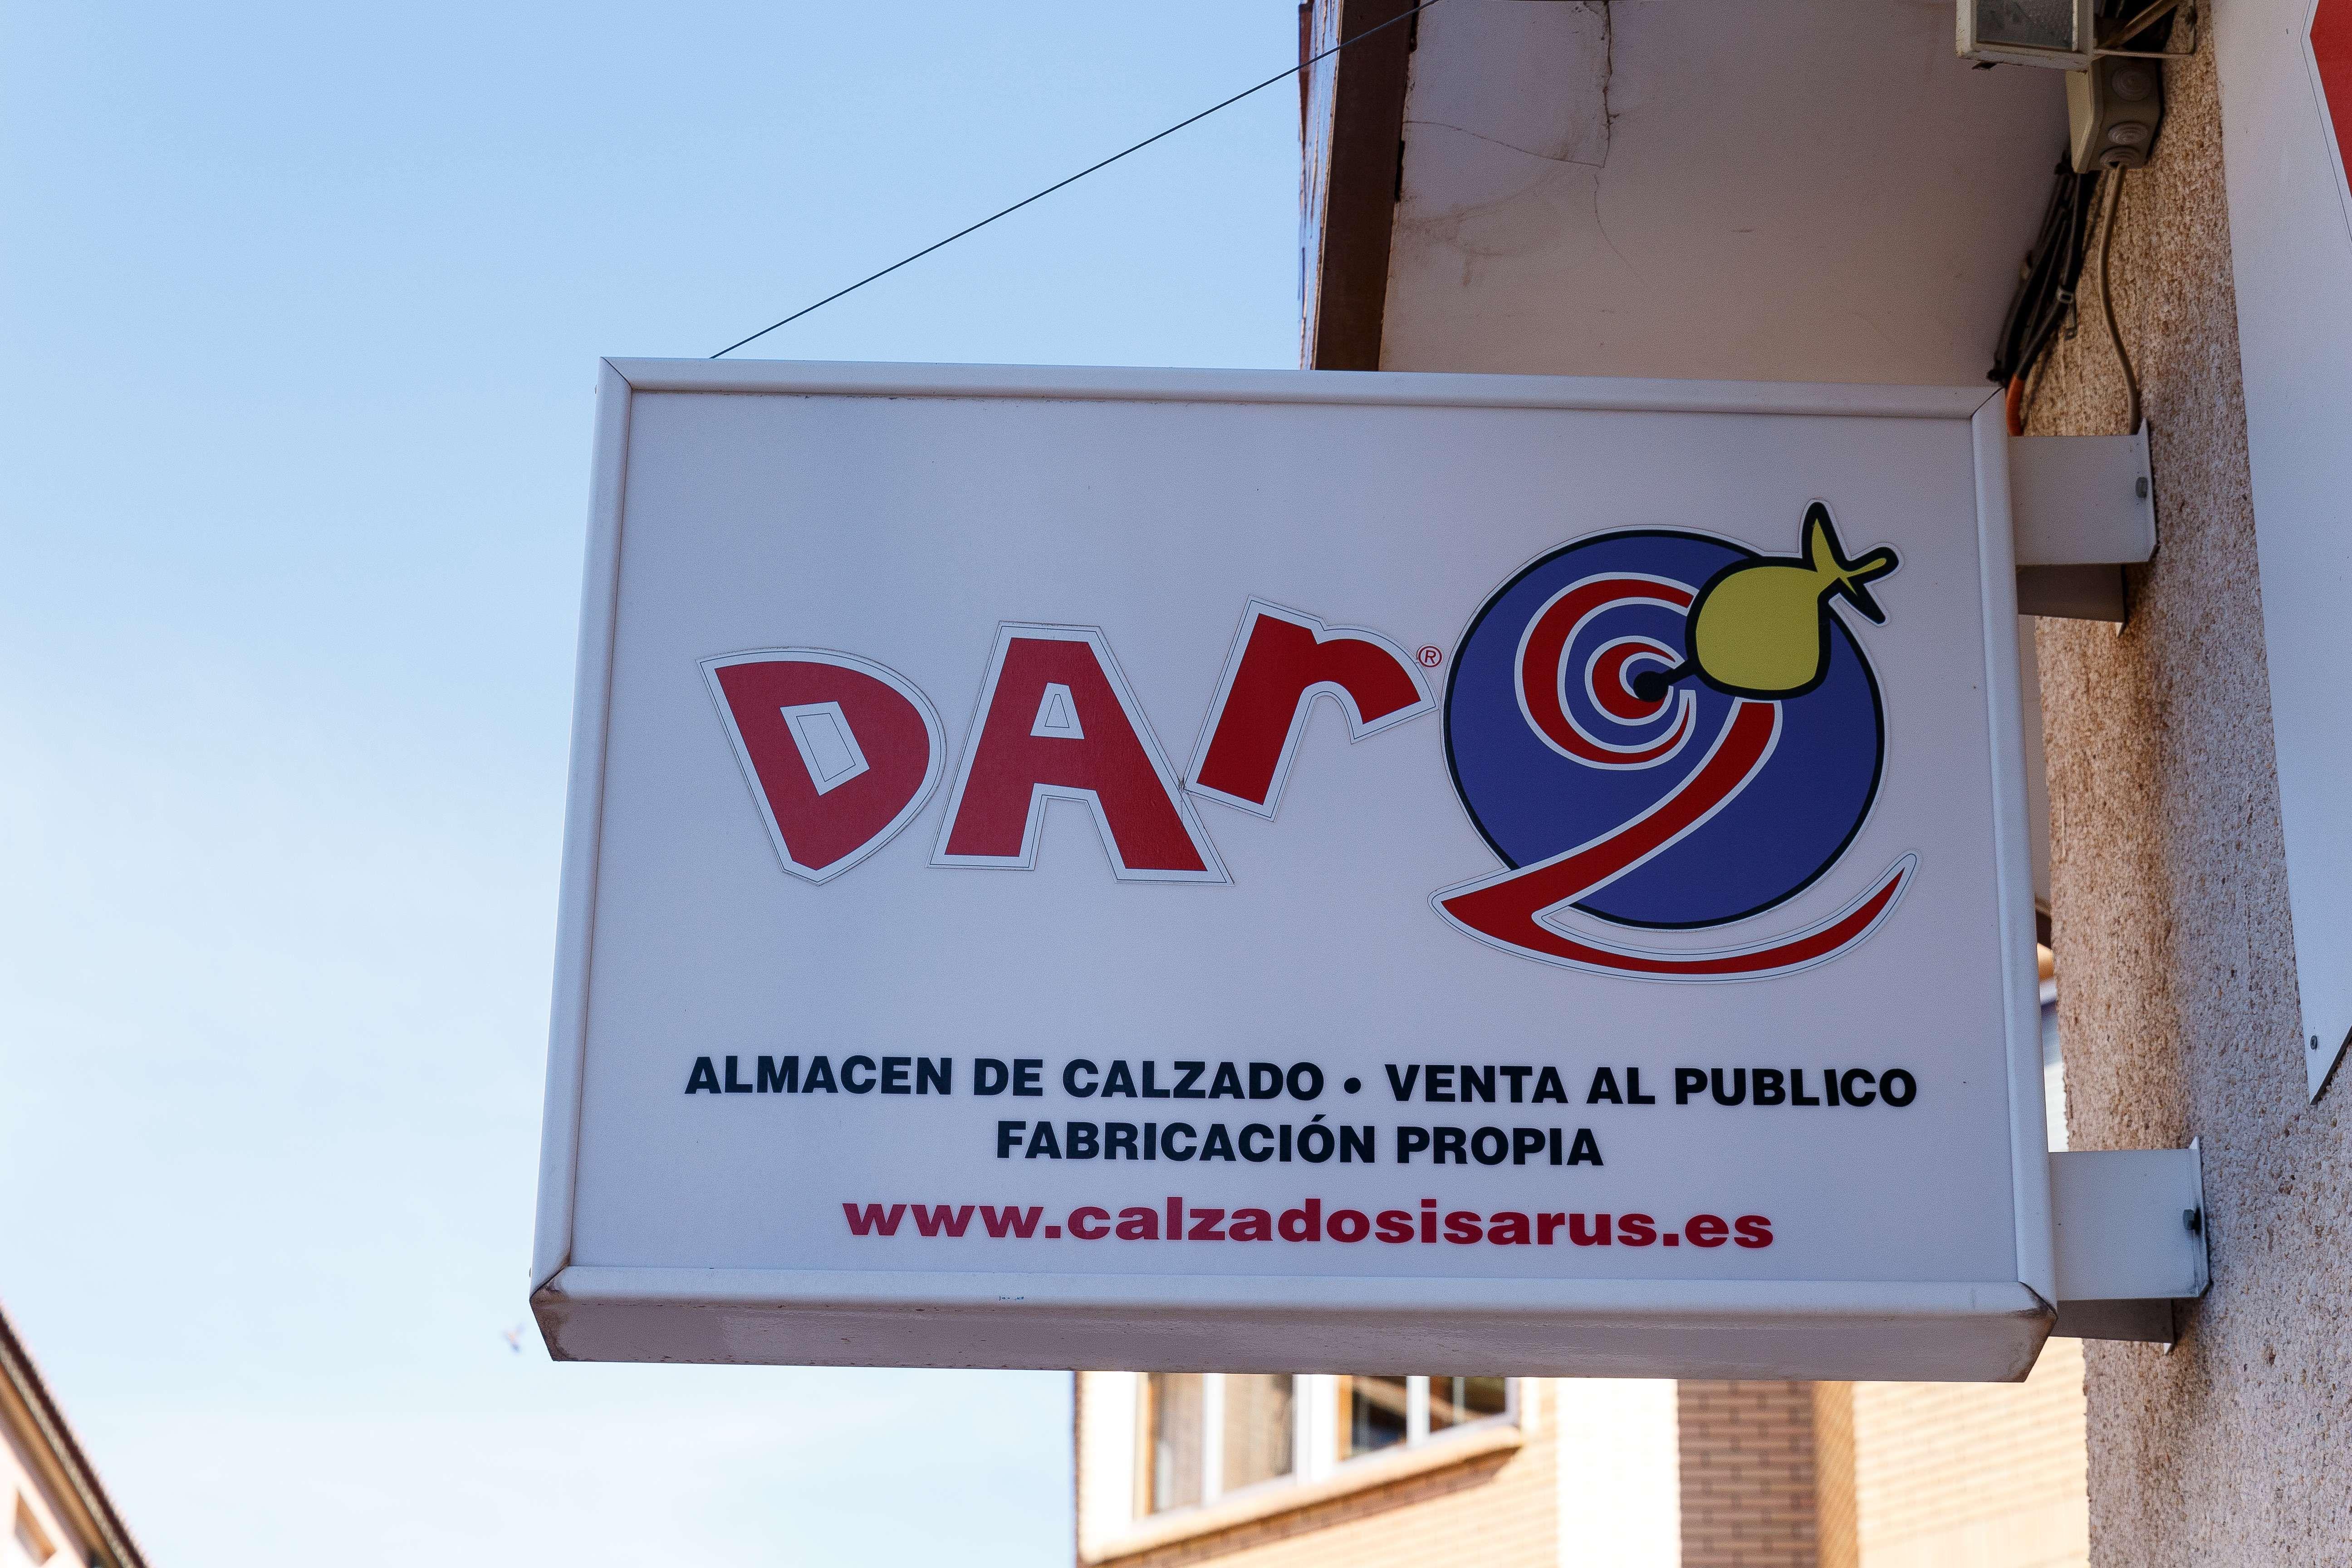 Almacén de calzado y venta la público en Illueca